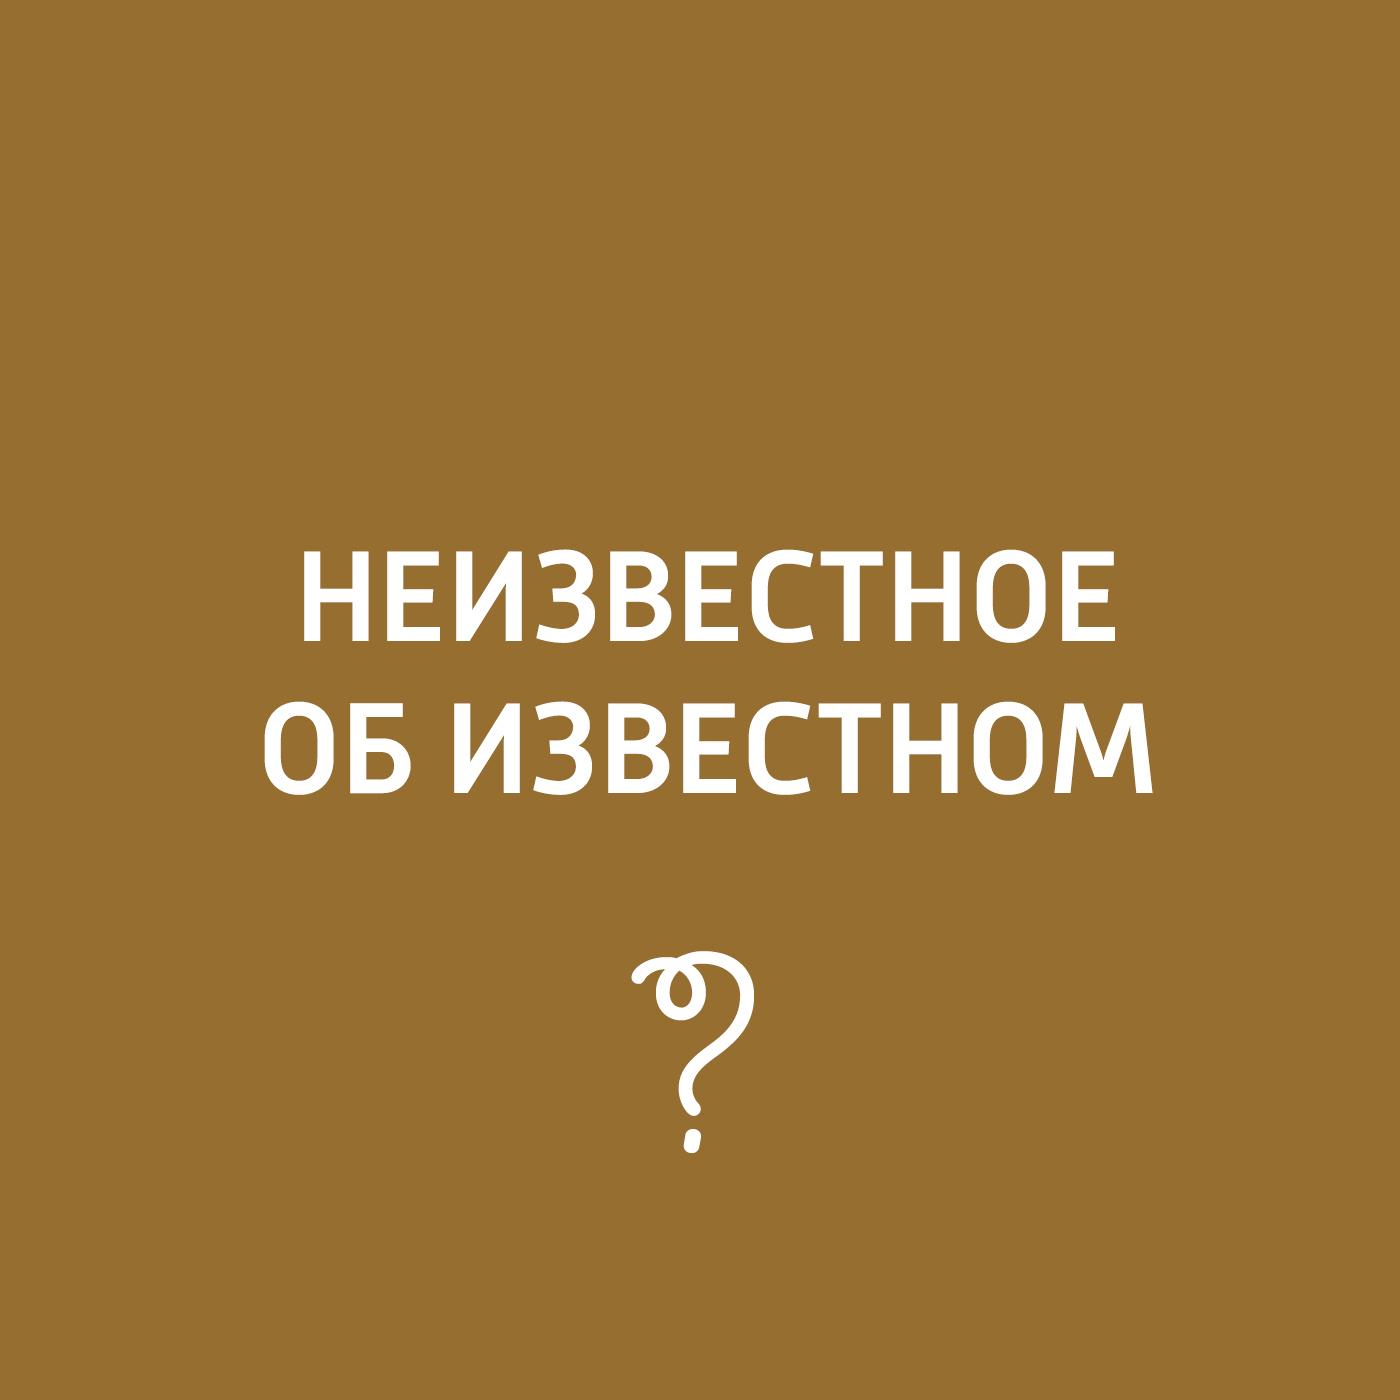 Неизвестное об известном. Московские тучерезы и небоскребы